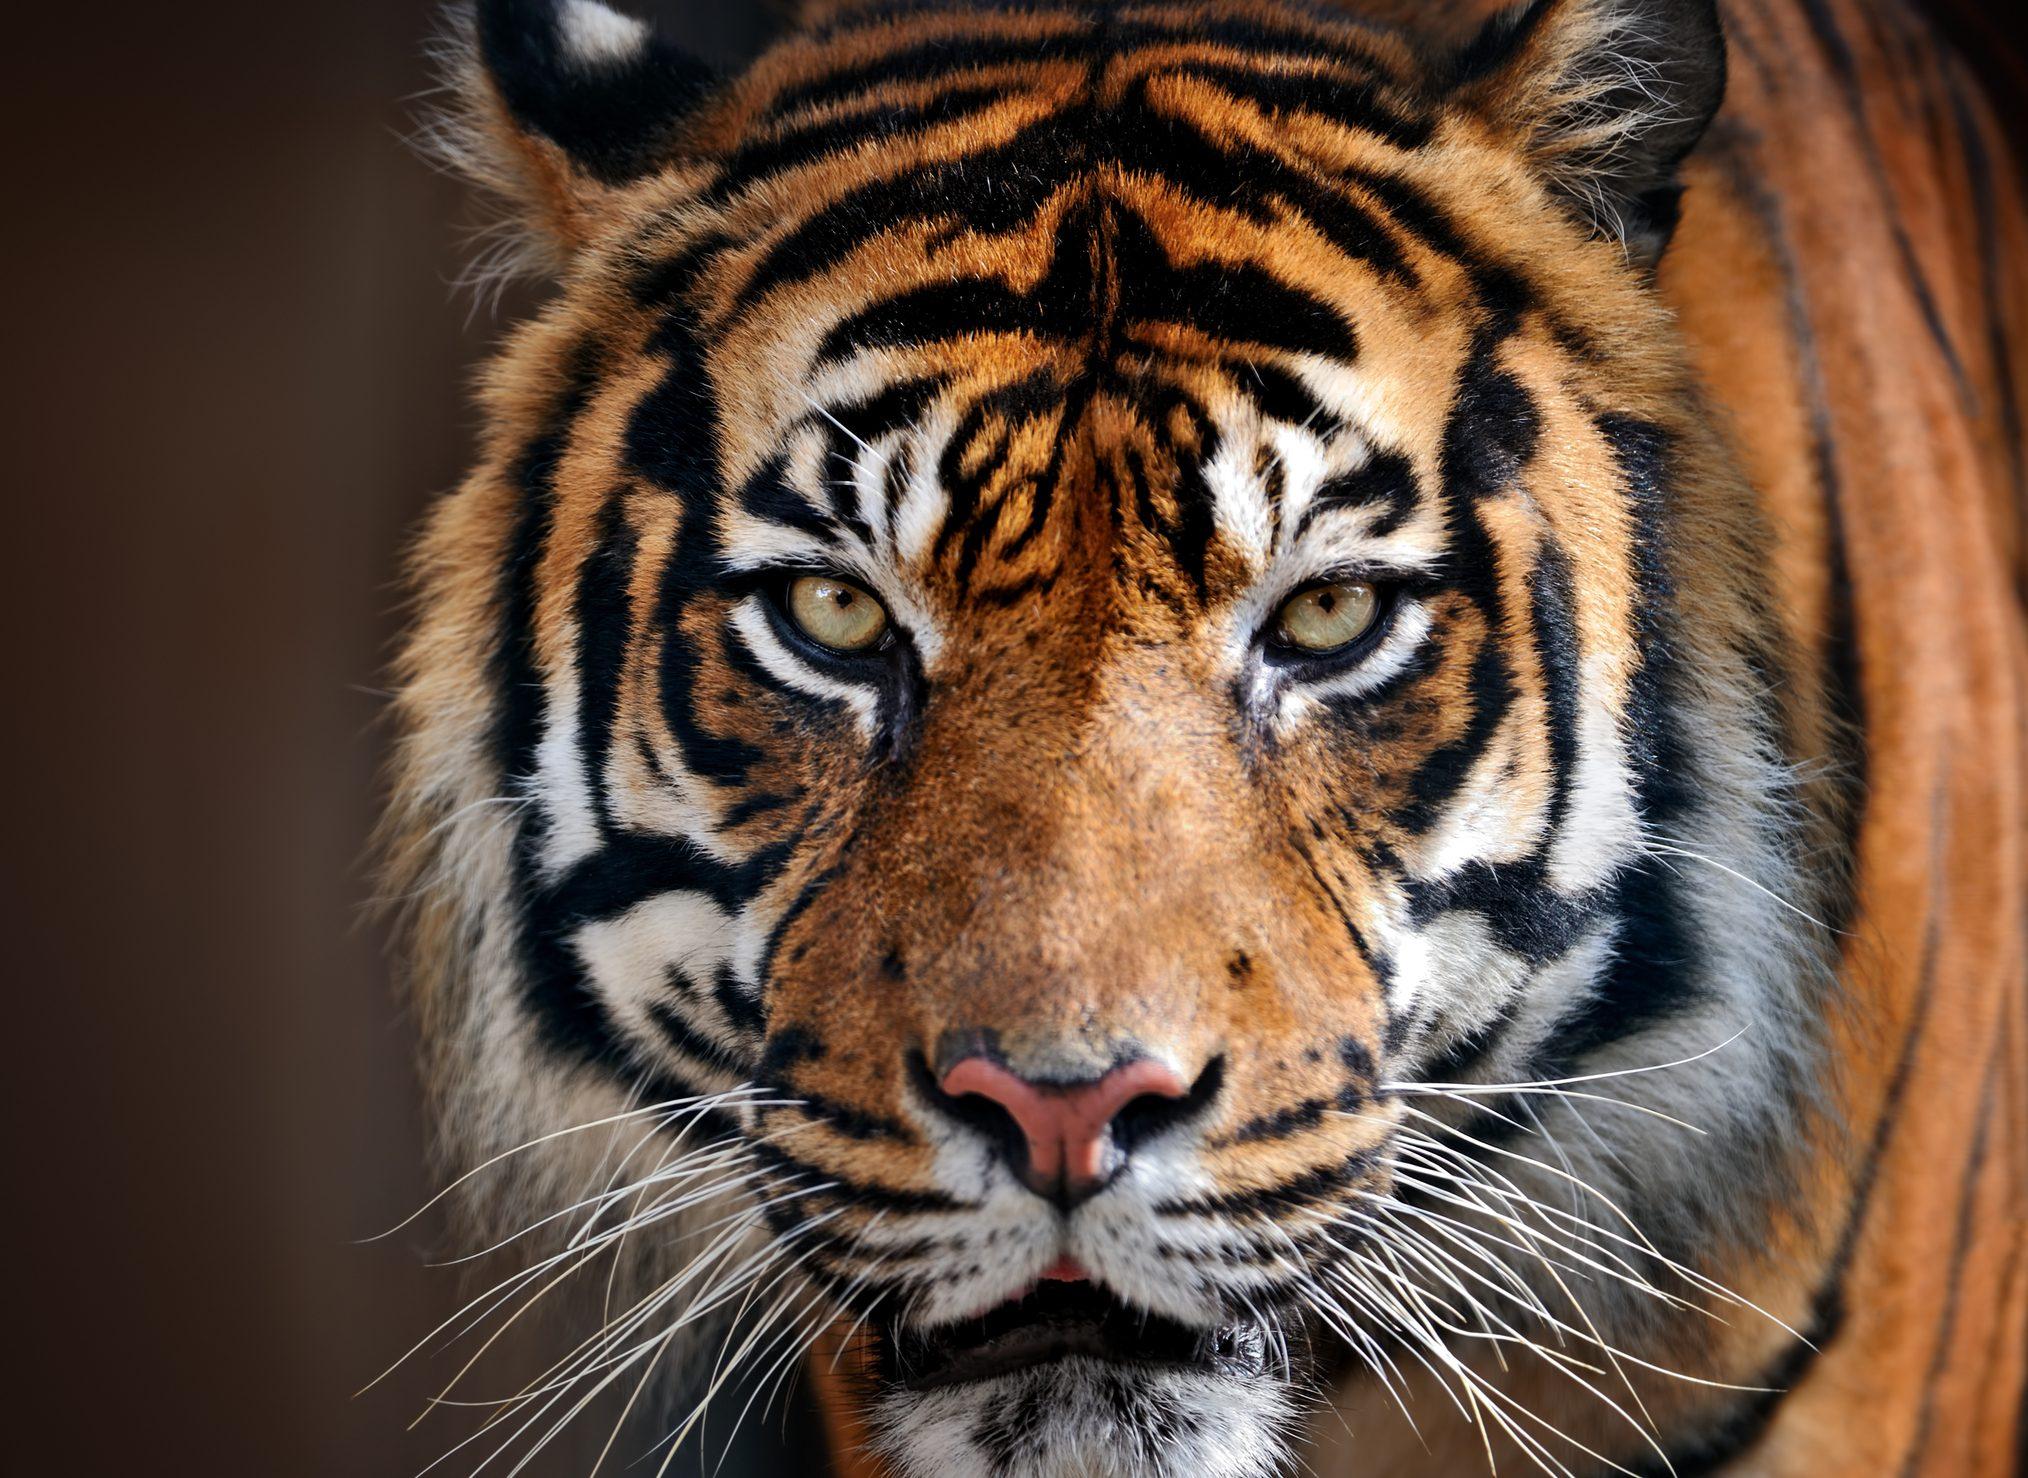 Animali in estinzione: la tigre bella e regale ma sempre più rara